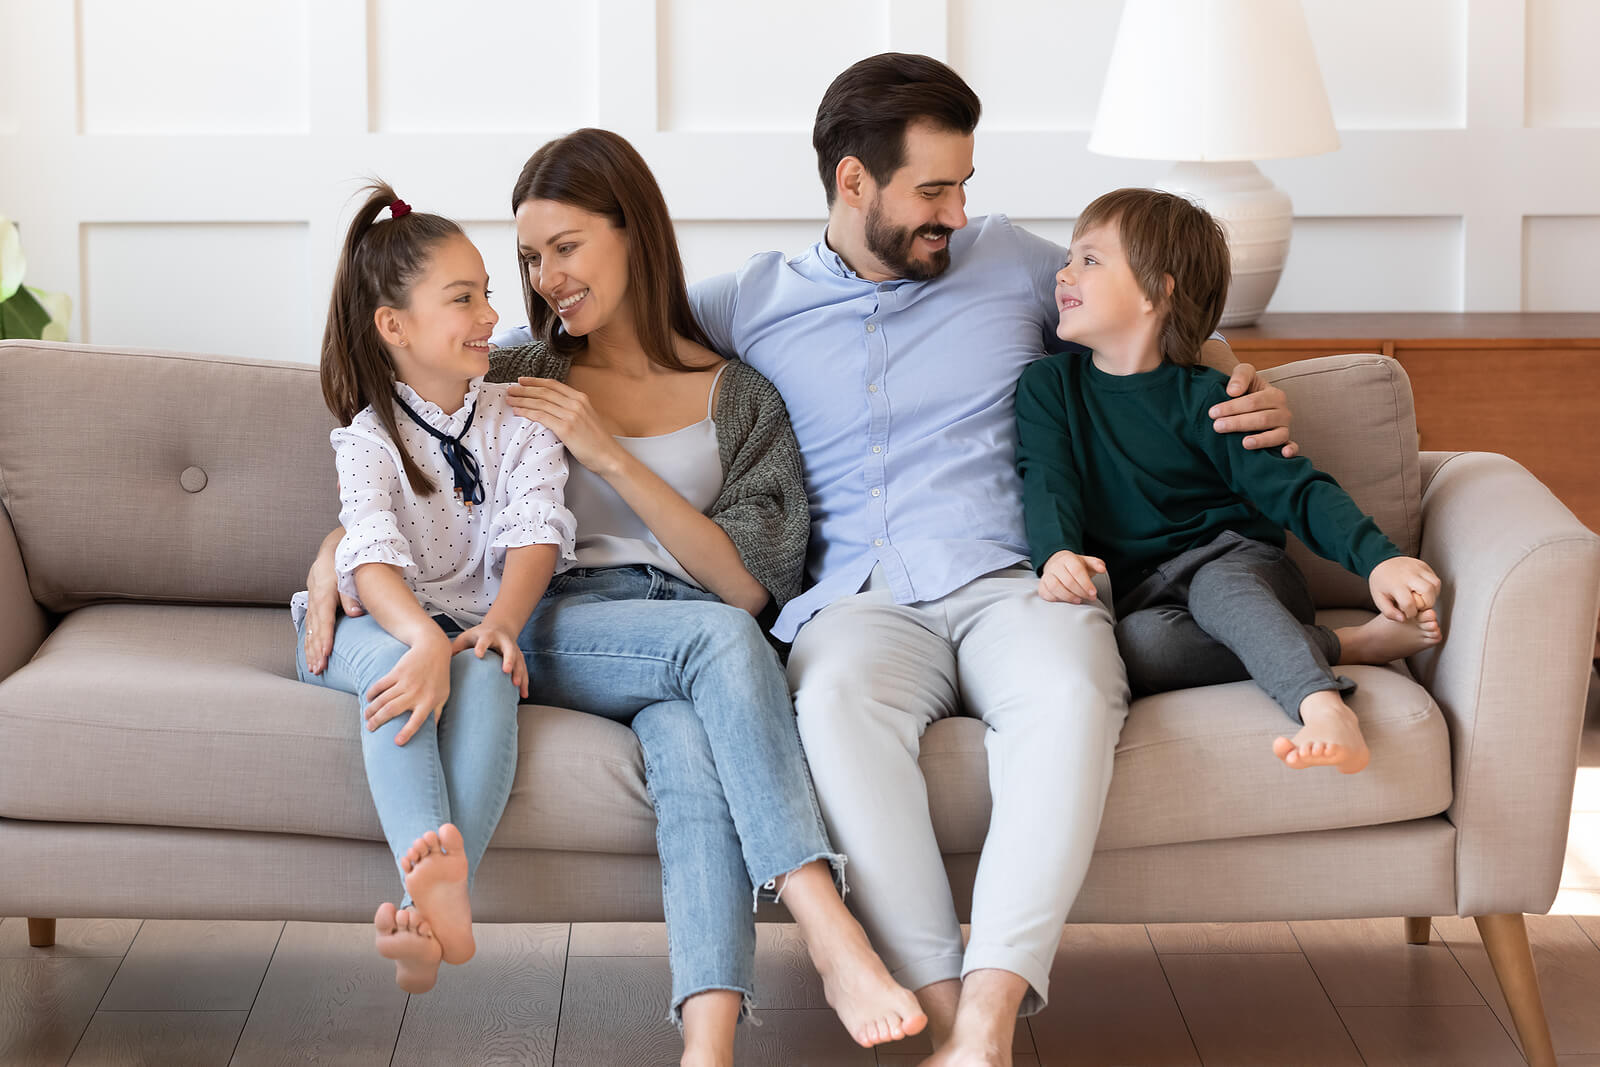 Padre hablando con sus hijos porque tienen que repetirles las cosas muchas veces.